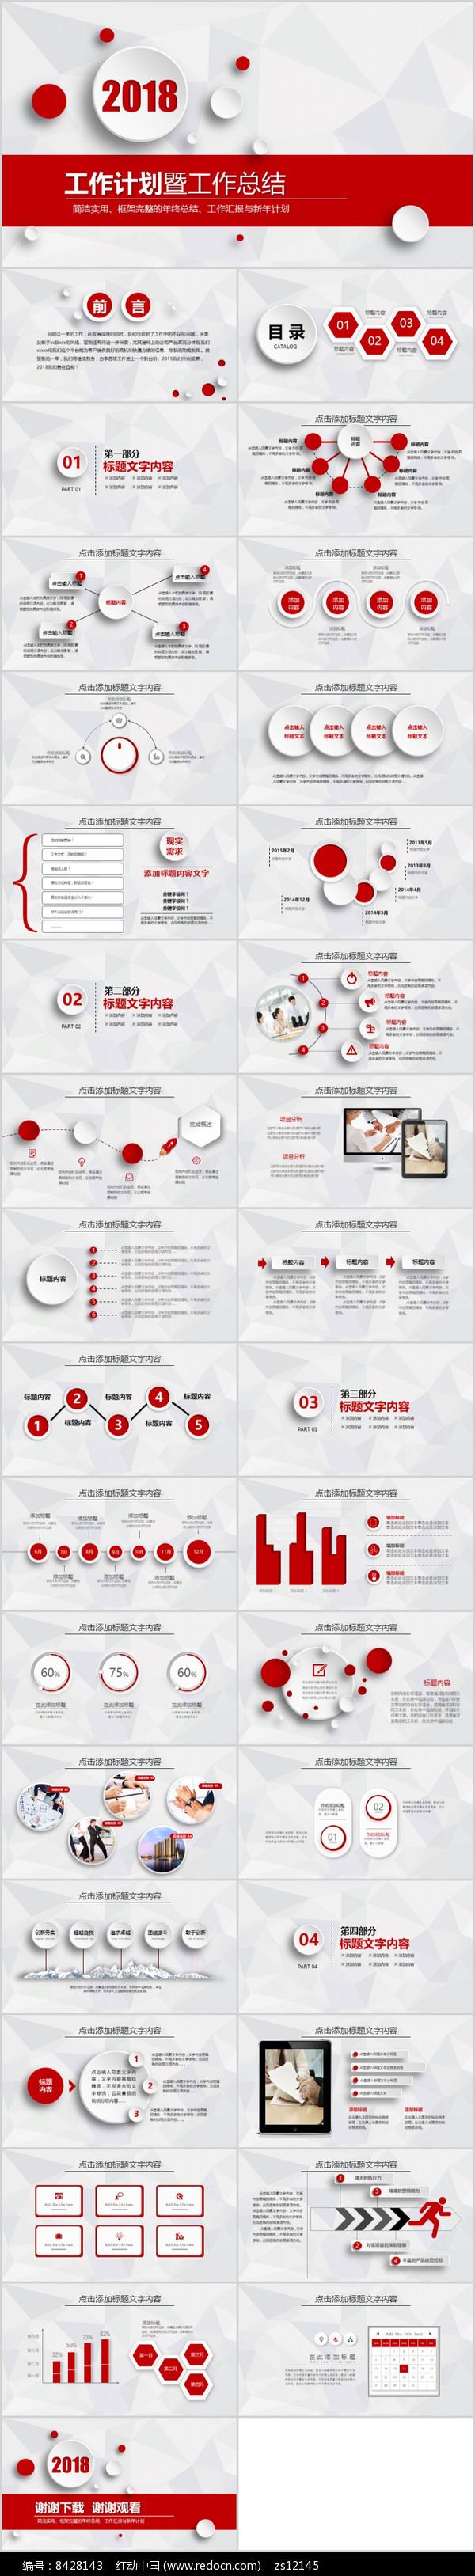 商务工作计划总结PPT模板图片